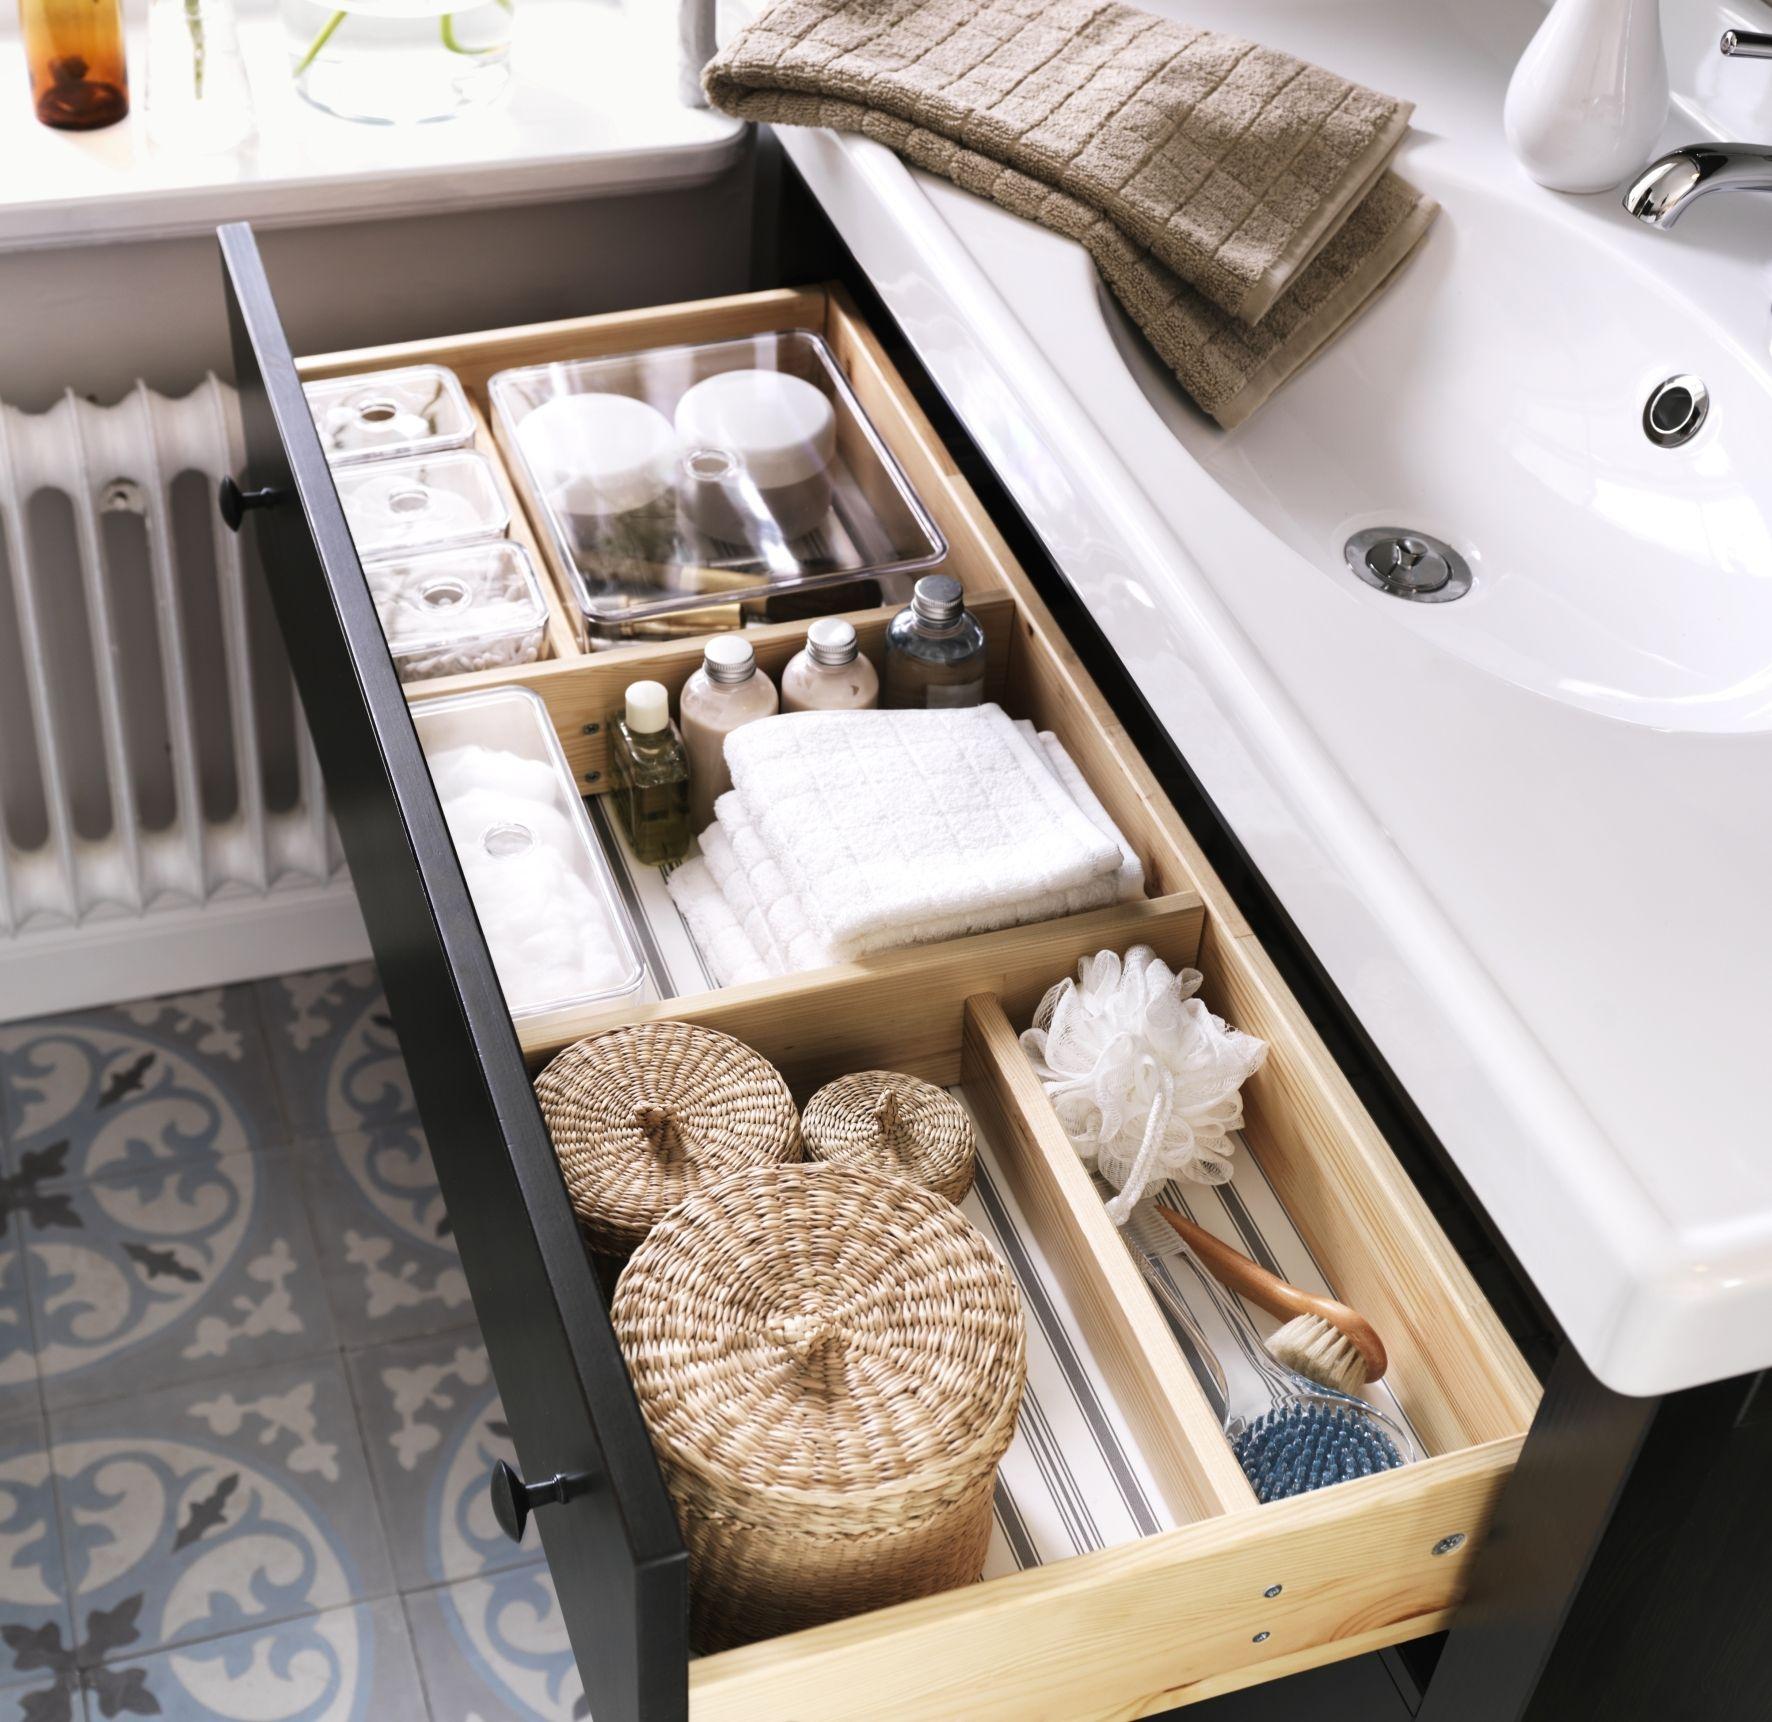 IKEA Badmöbel - voller Funktionalität und Feinheit - Badezimmer